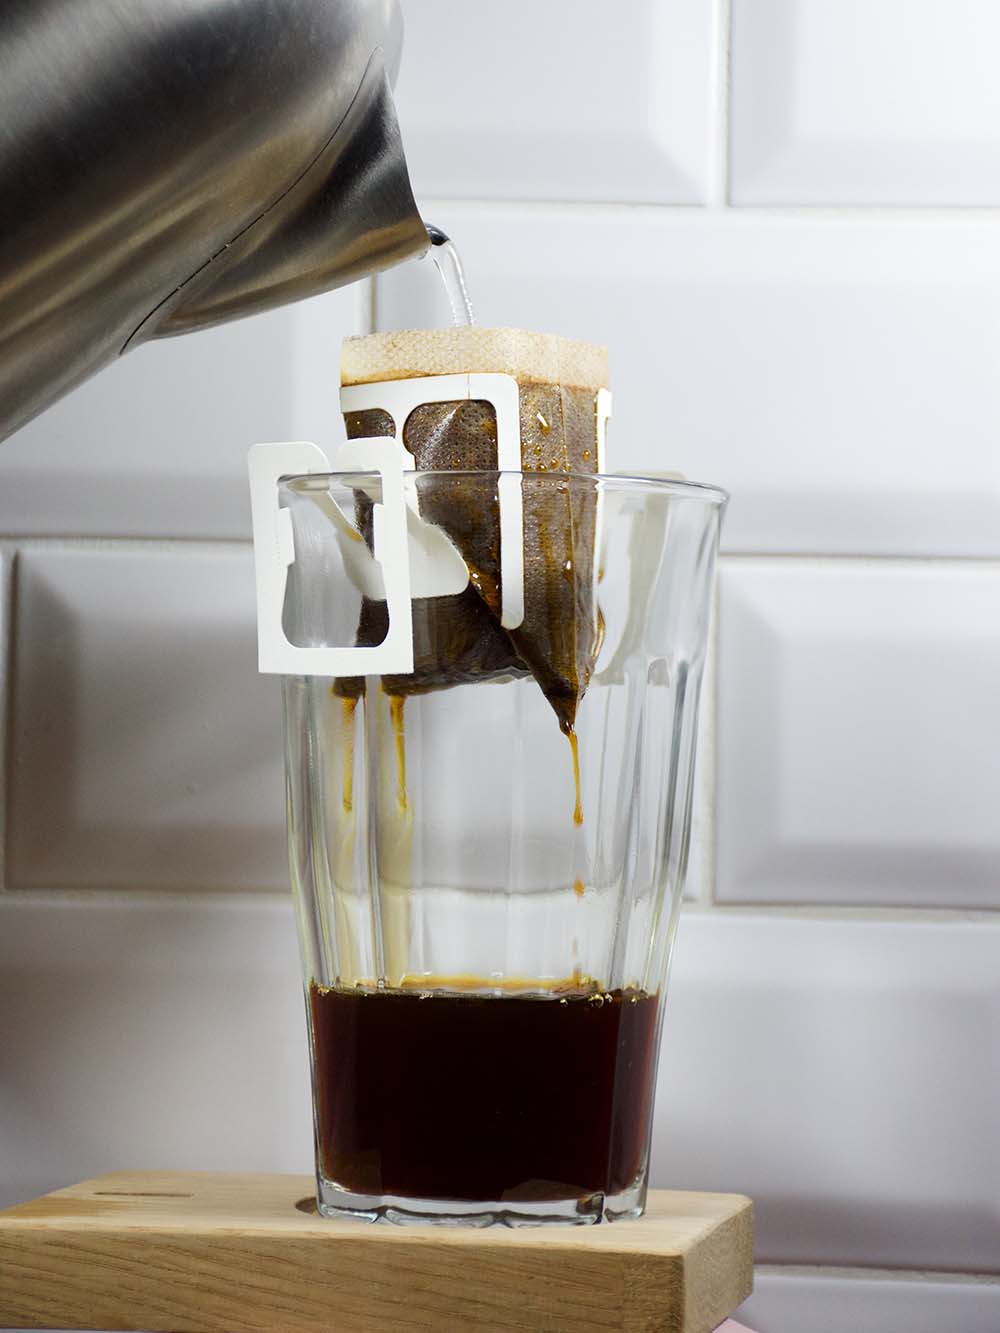 Préparation d'un café avec le kit Grainbow